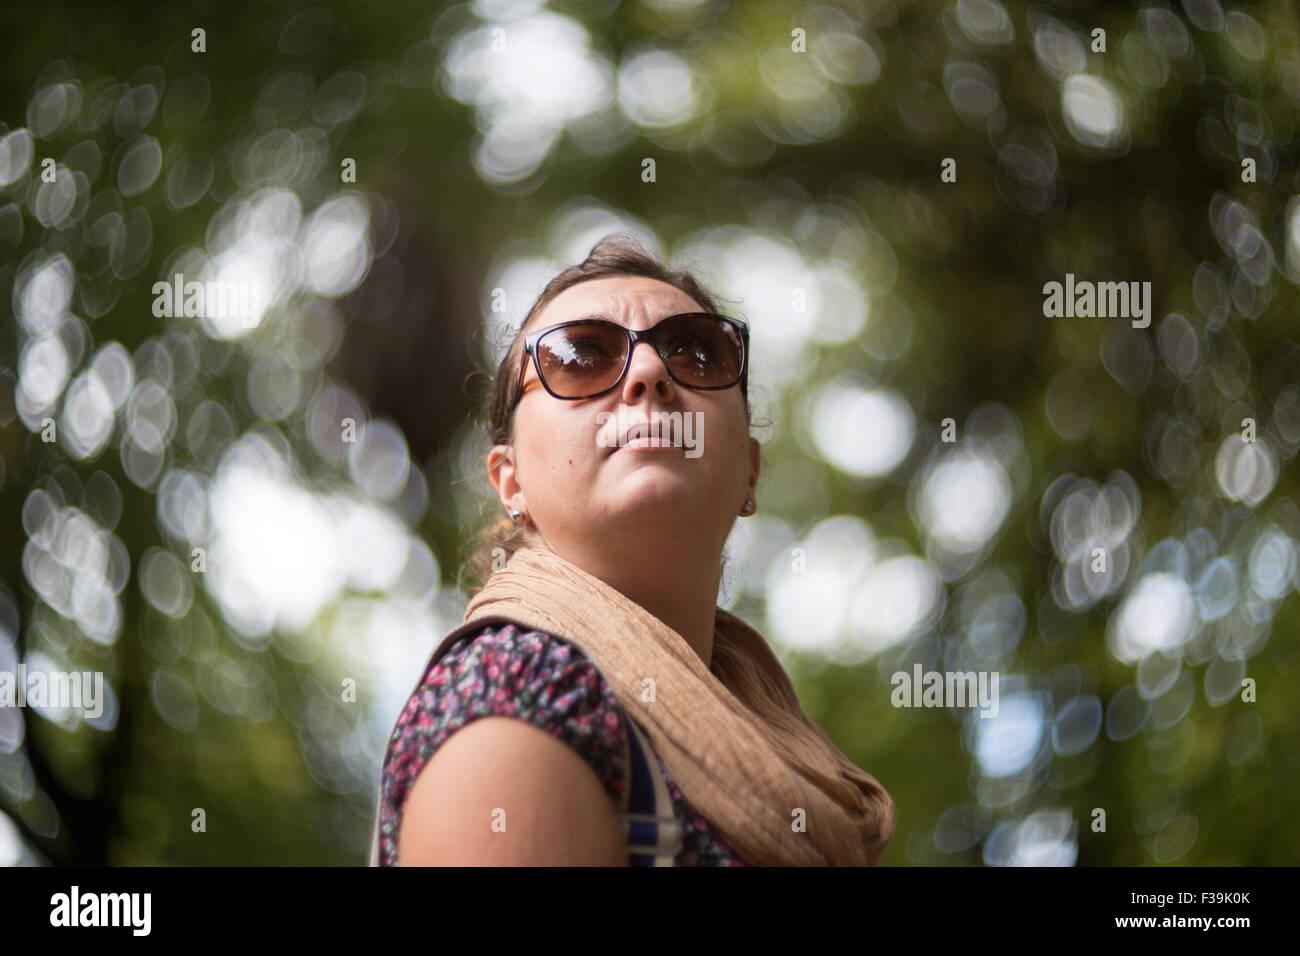 Ritratto di una metà donna adulta nel parco Immagini Stock